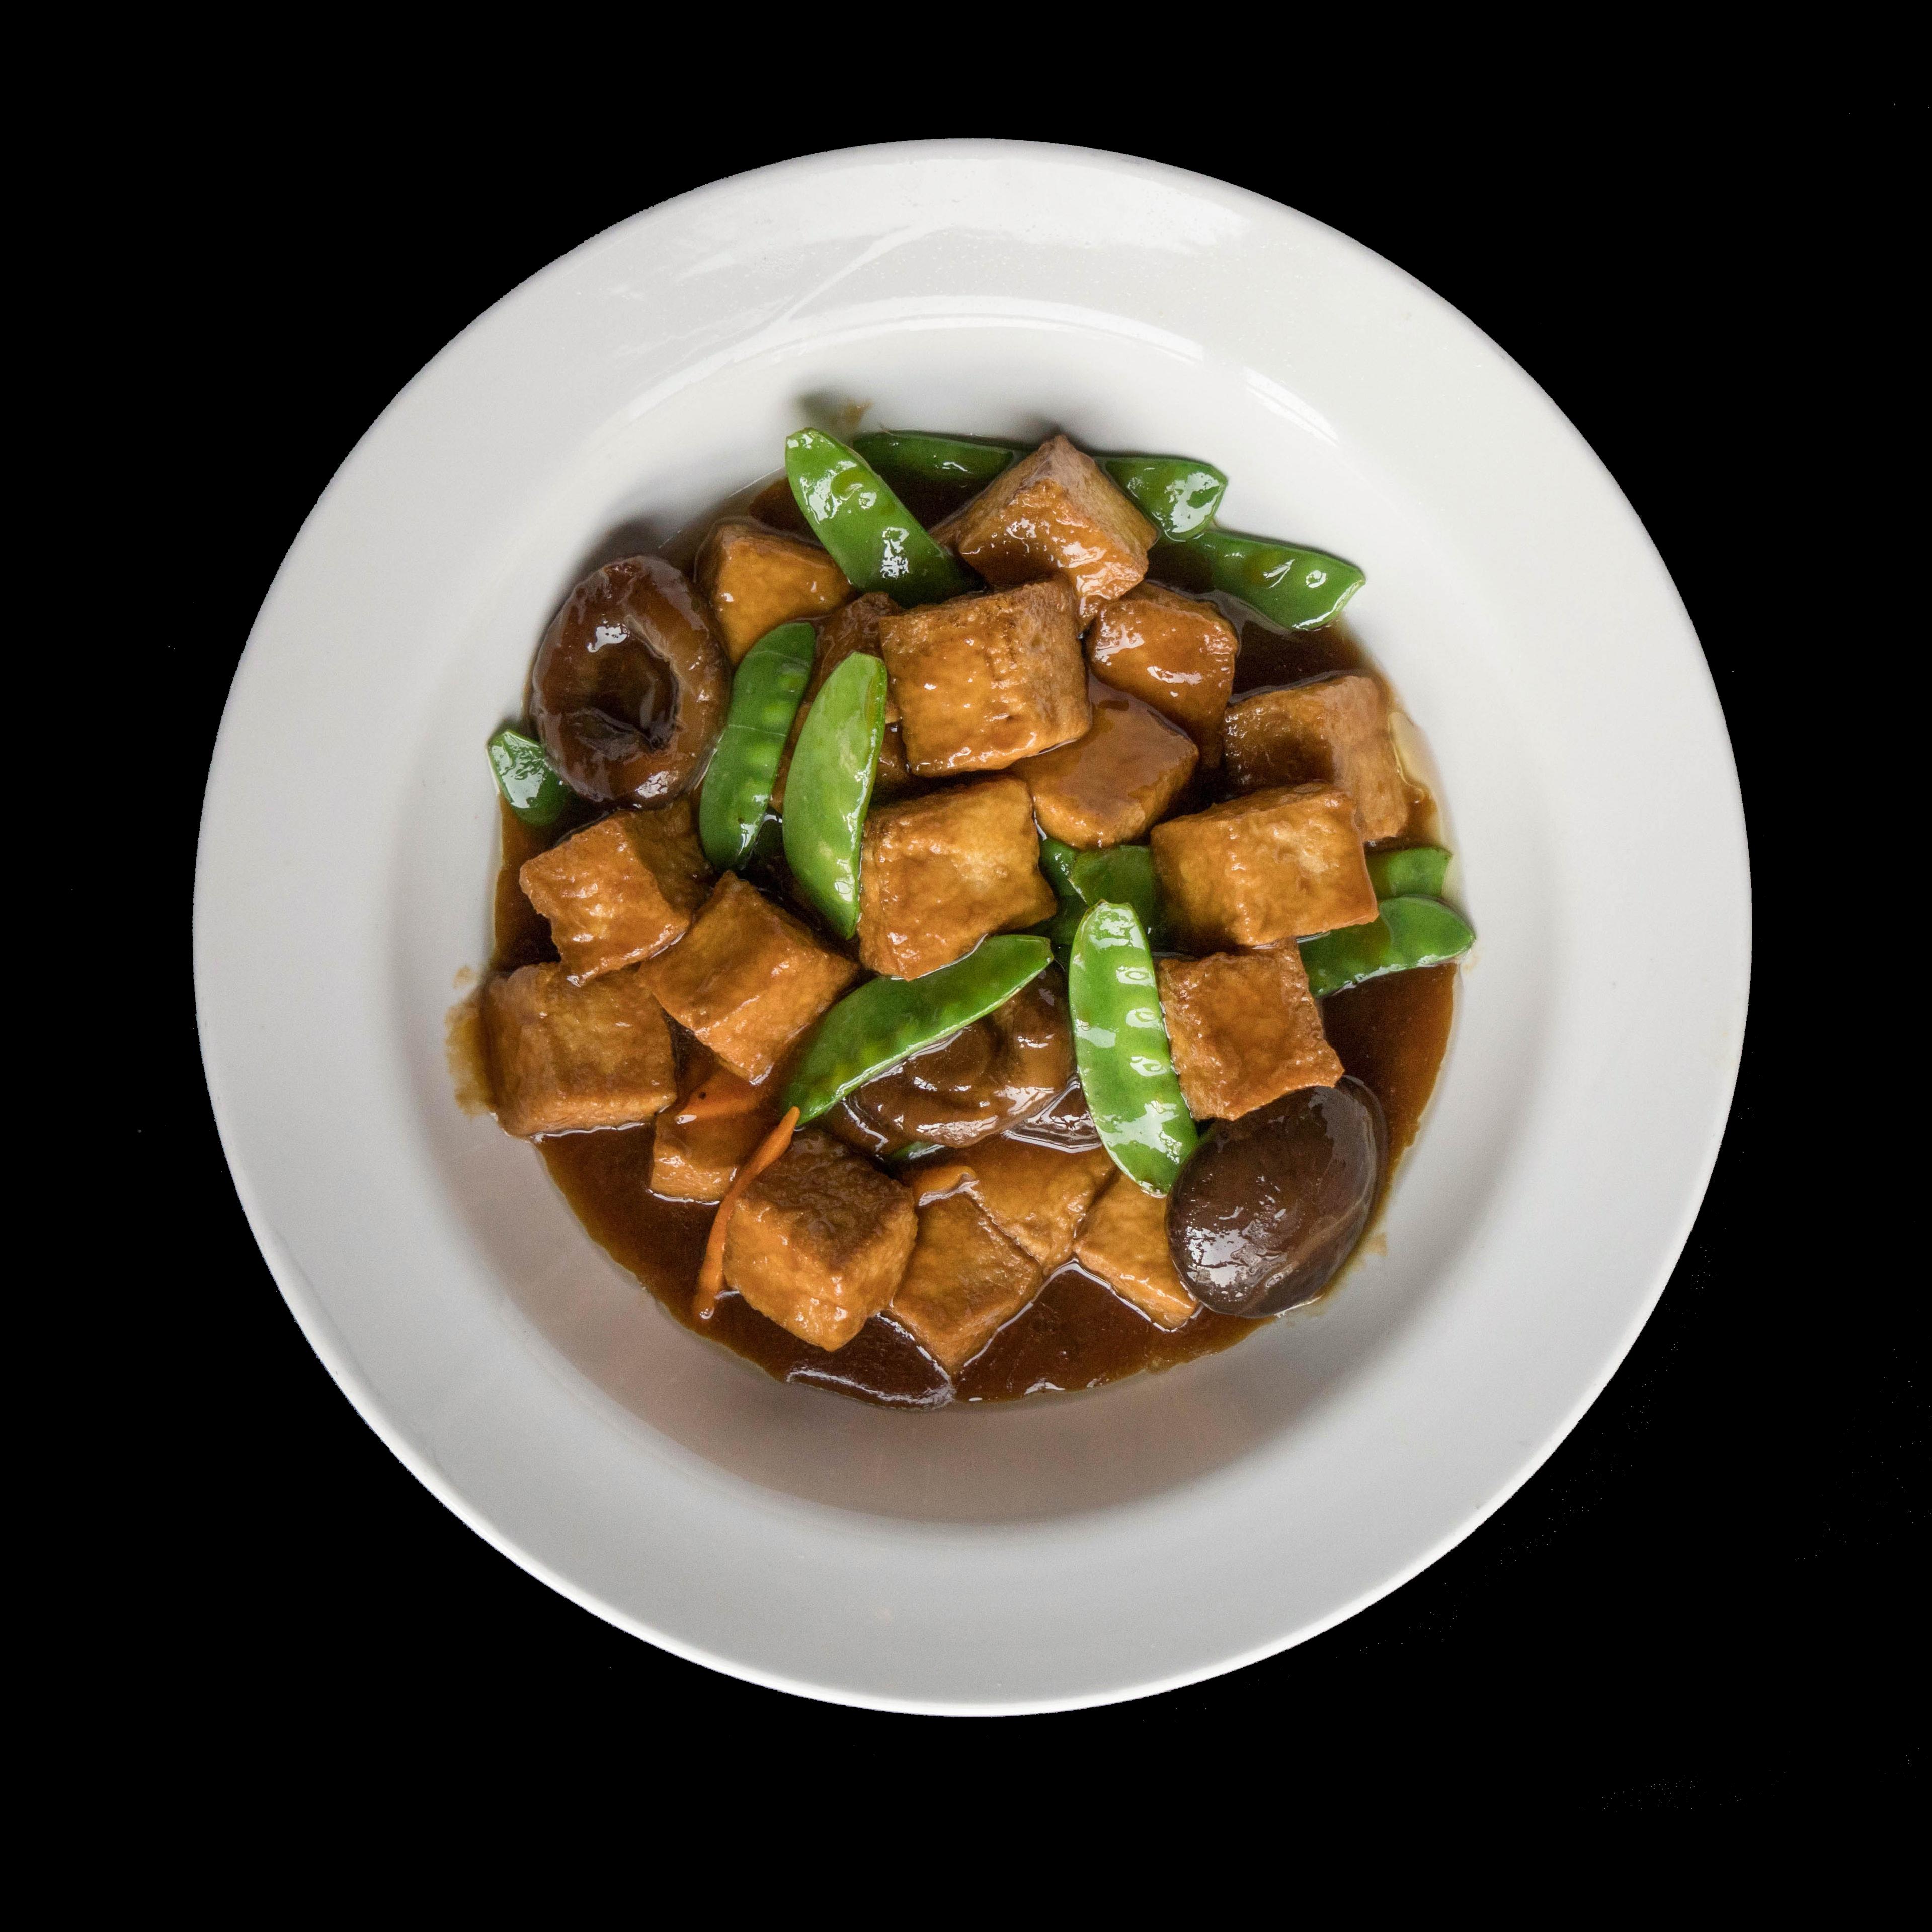 70. 红烧豆腐 Braised Tofu Image